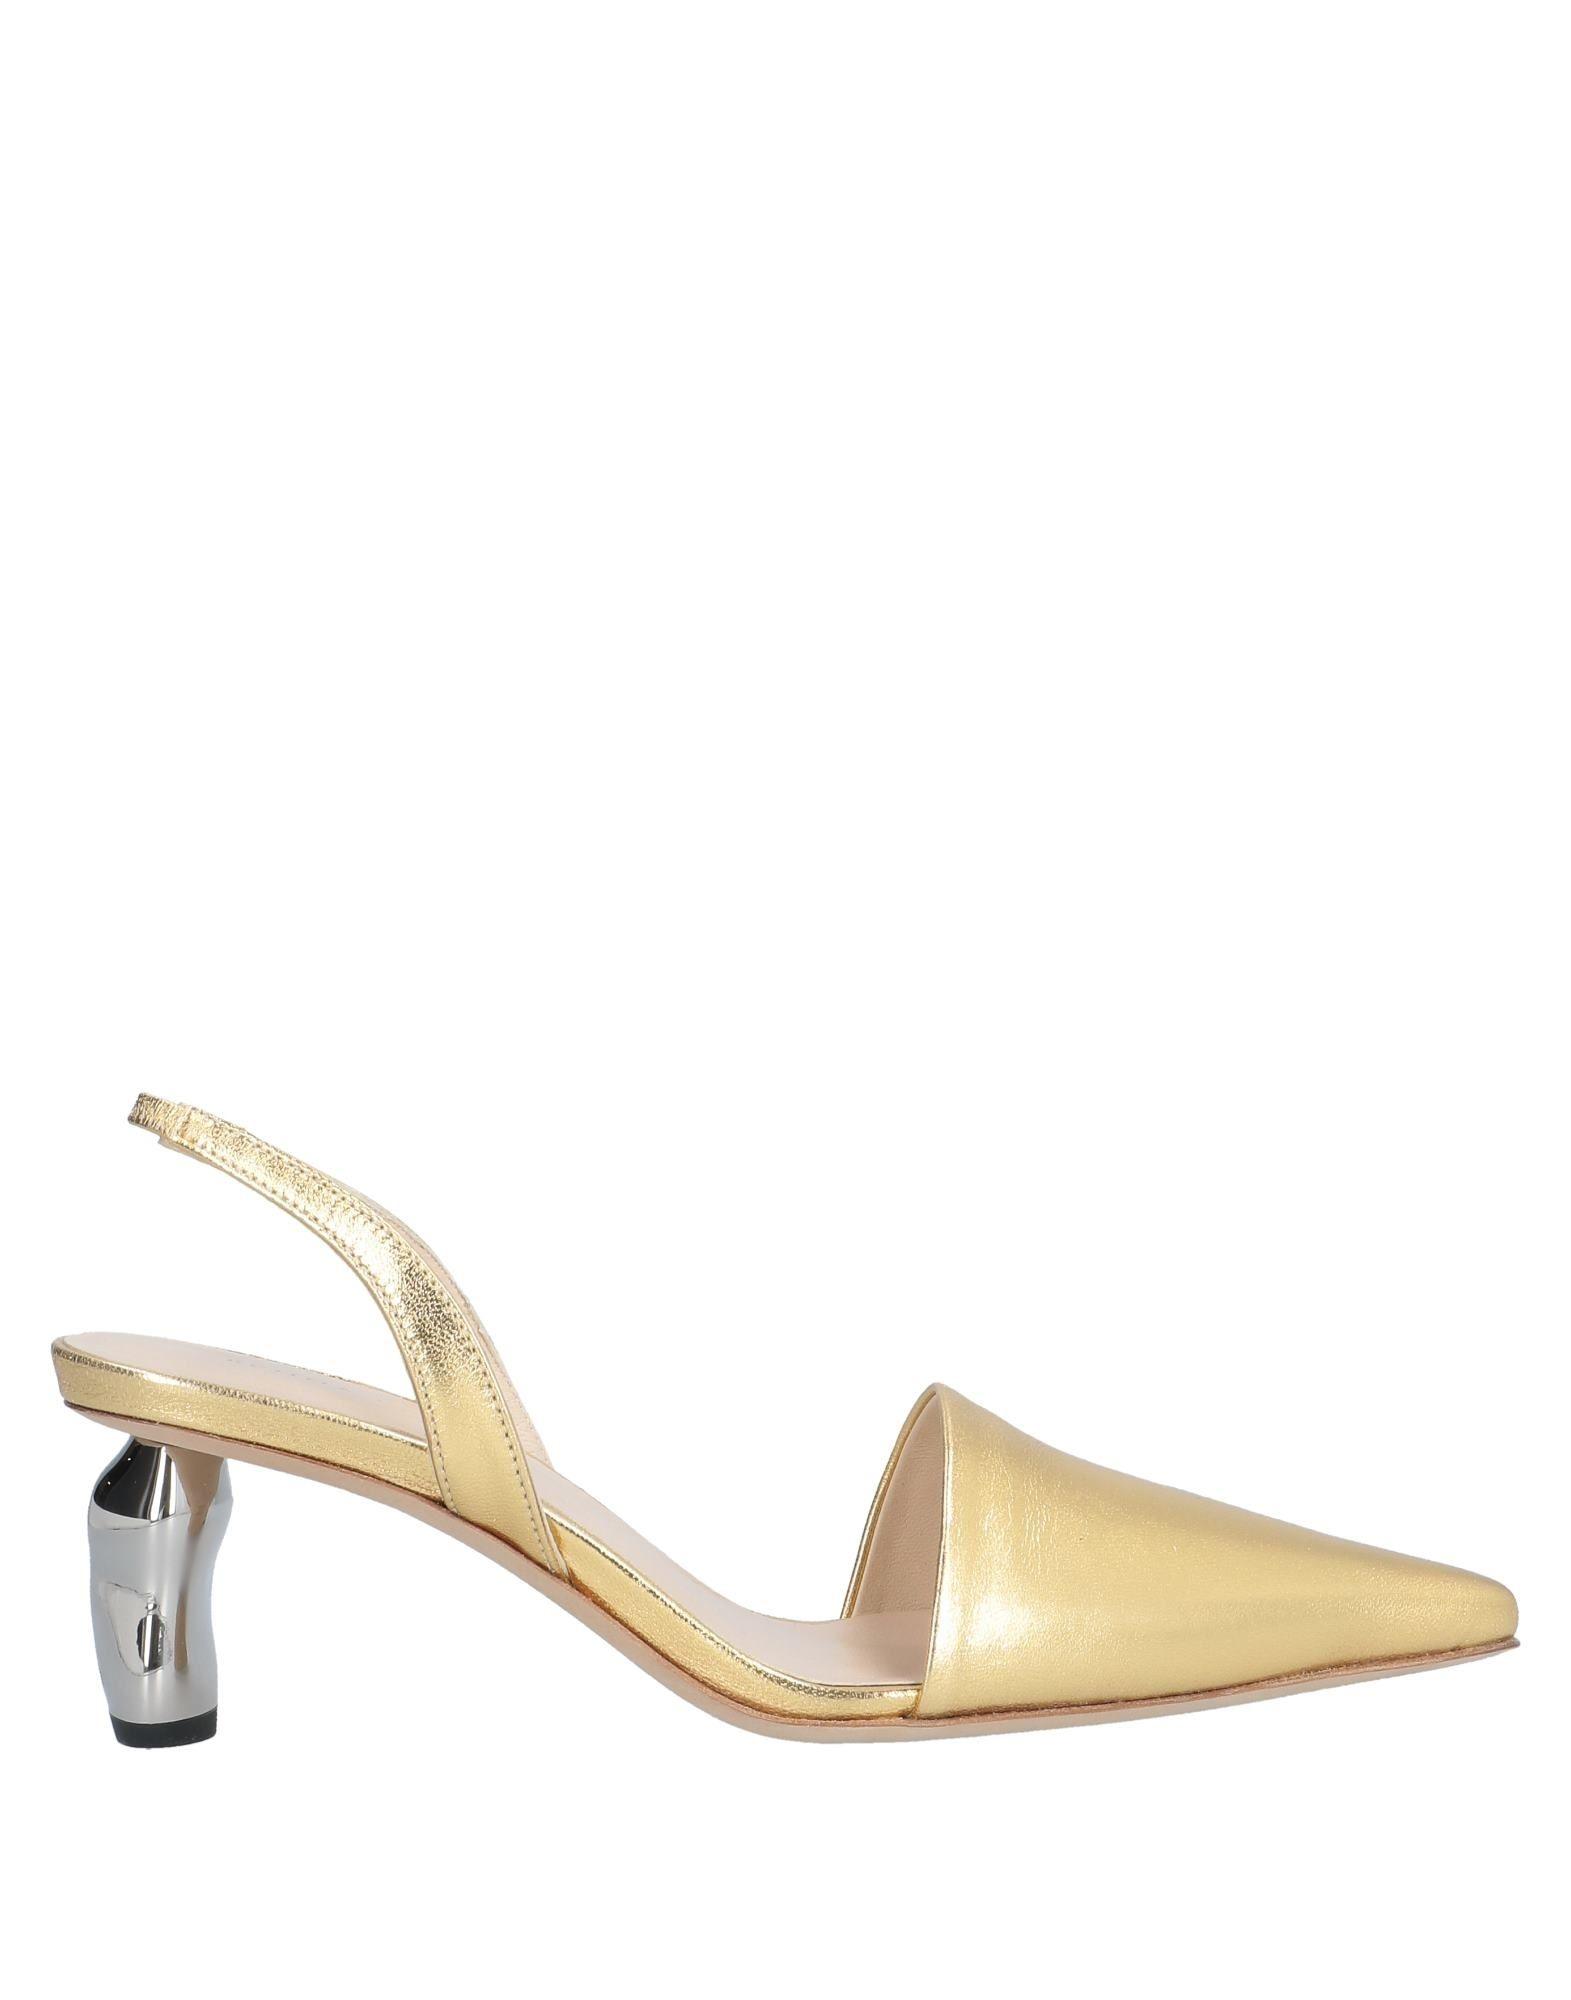 цены на REJINA PYO Туфли в интернет-магазинах